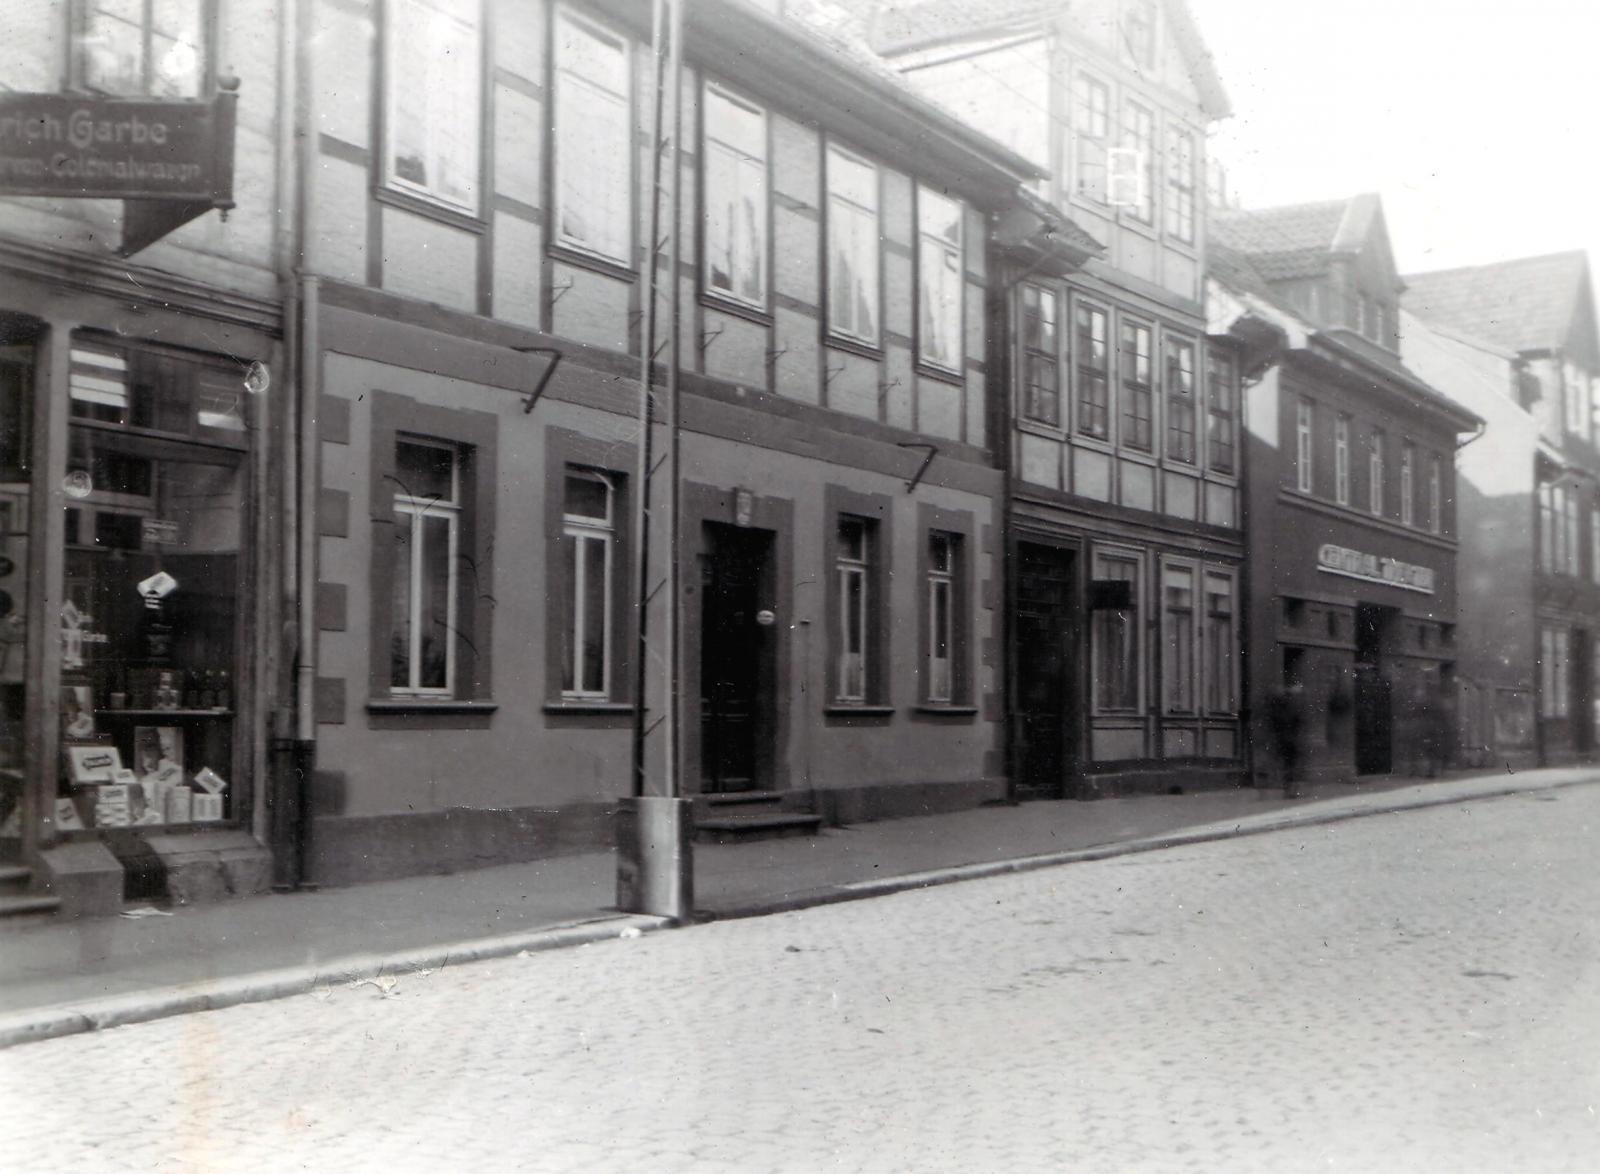 Kino Alfeld Leine